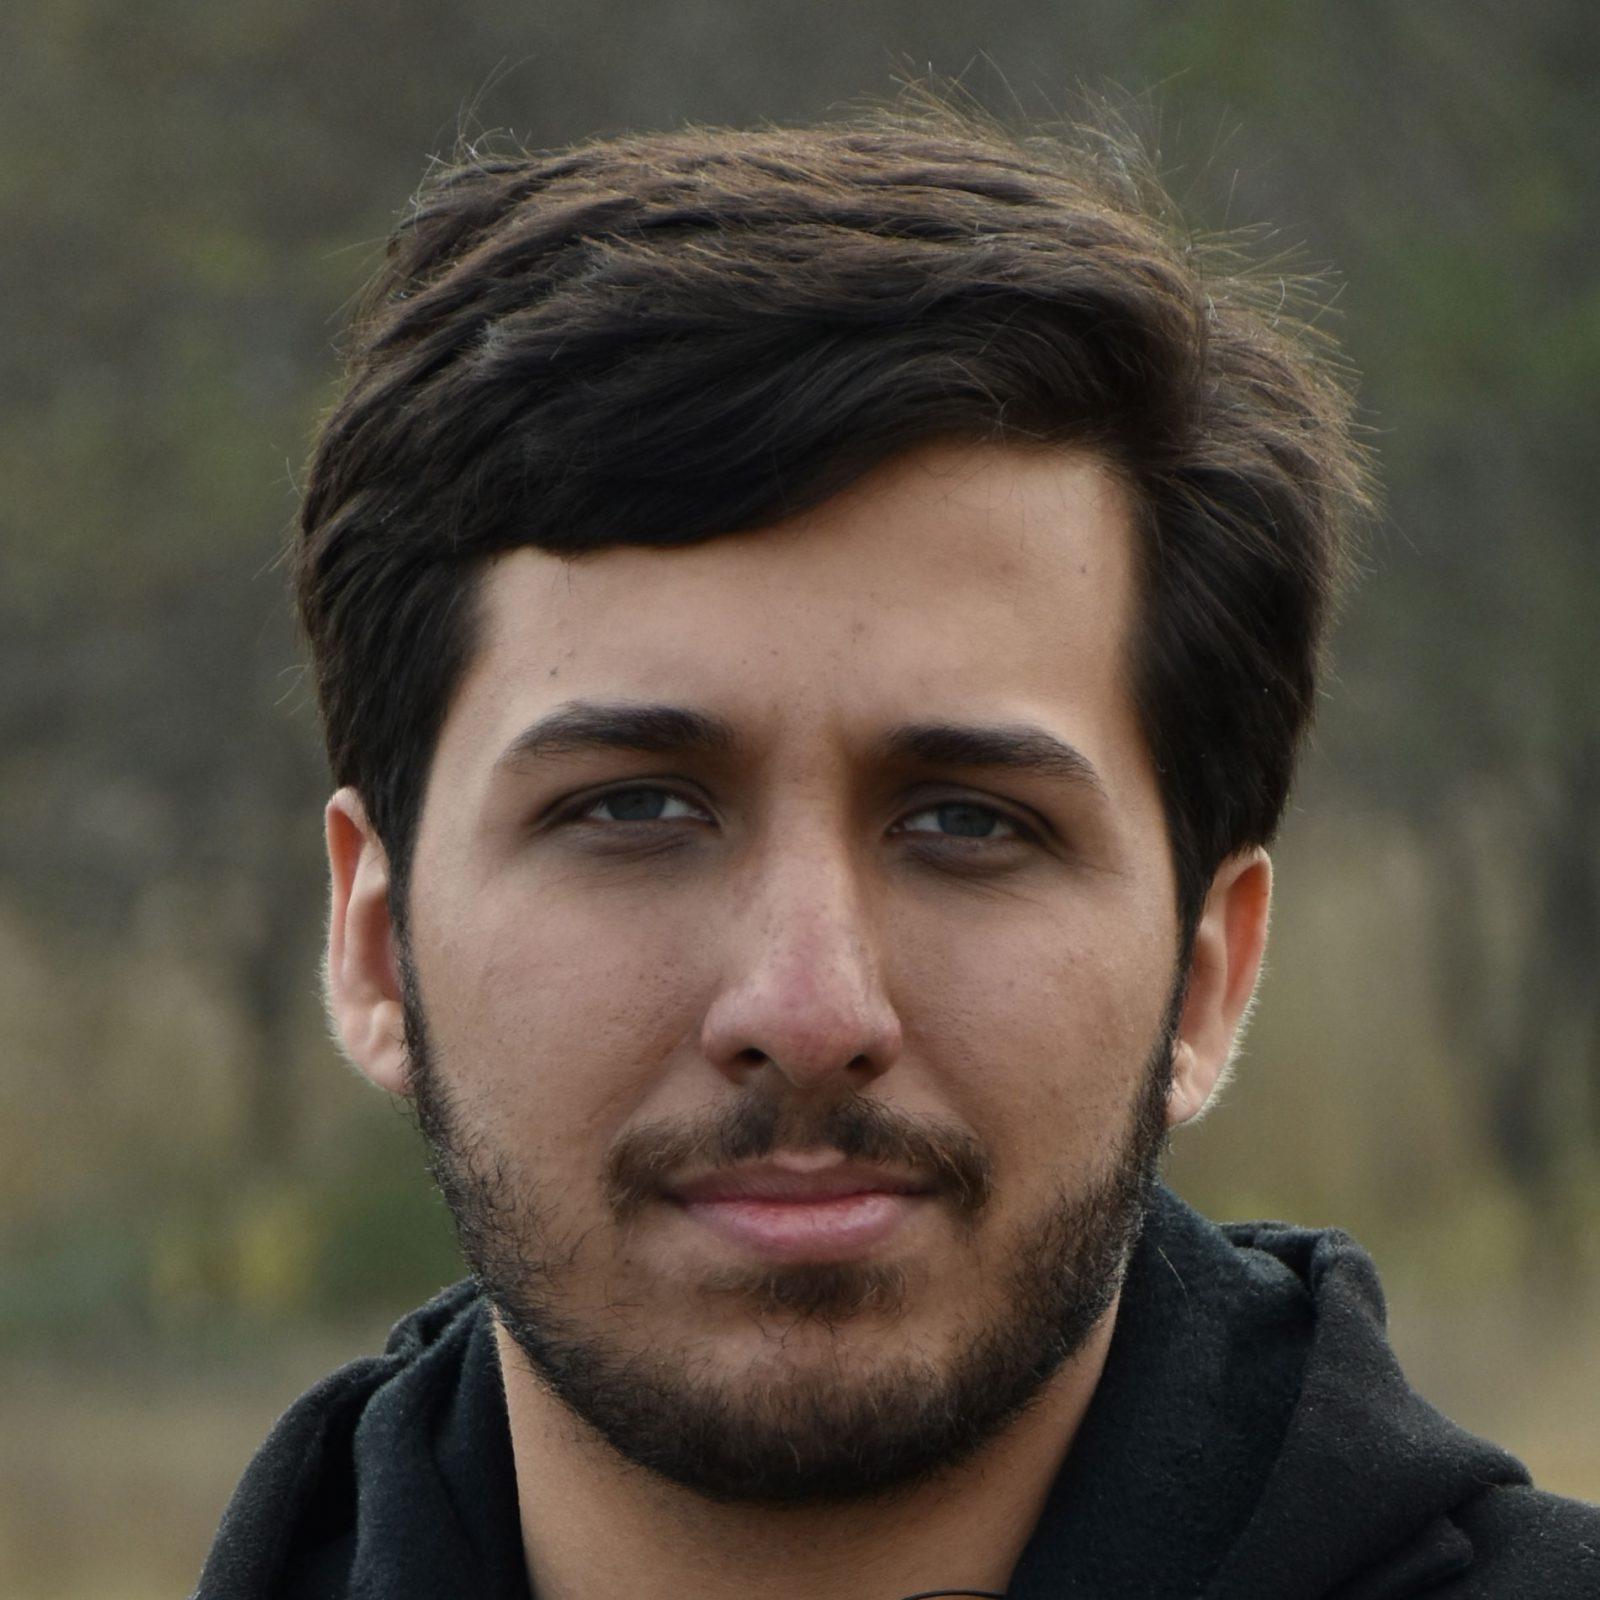 محمدمهدی زندوکیلی